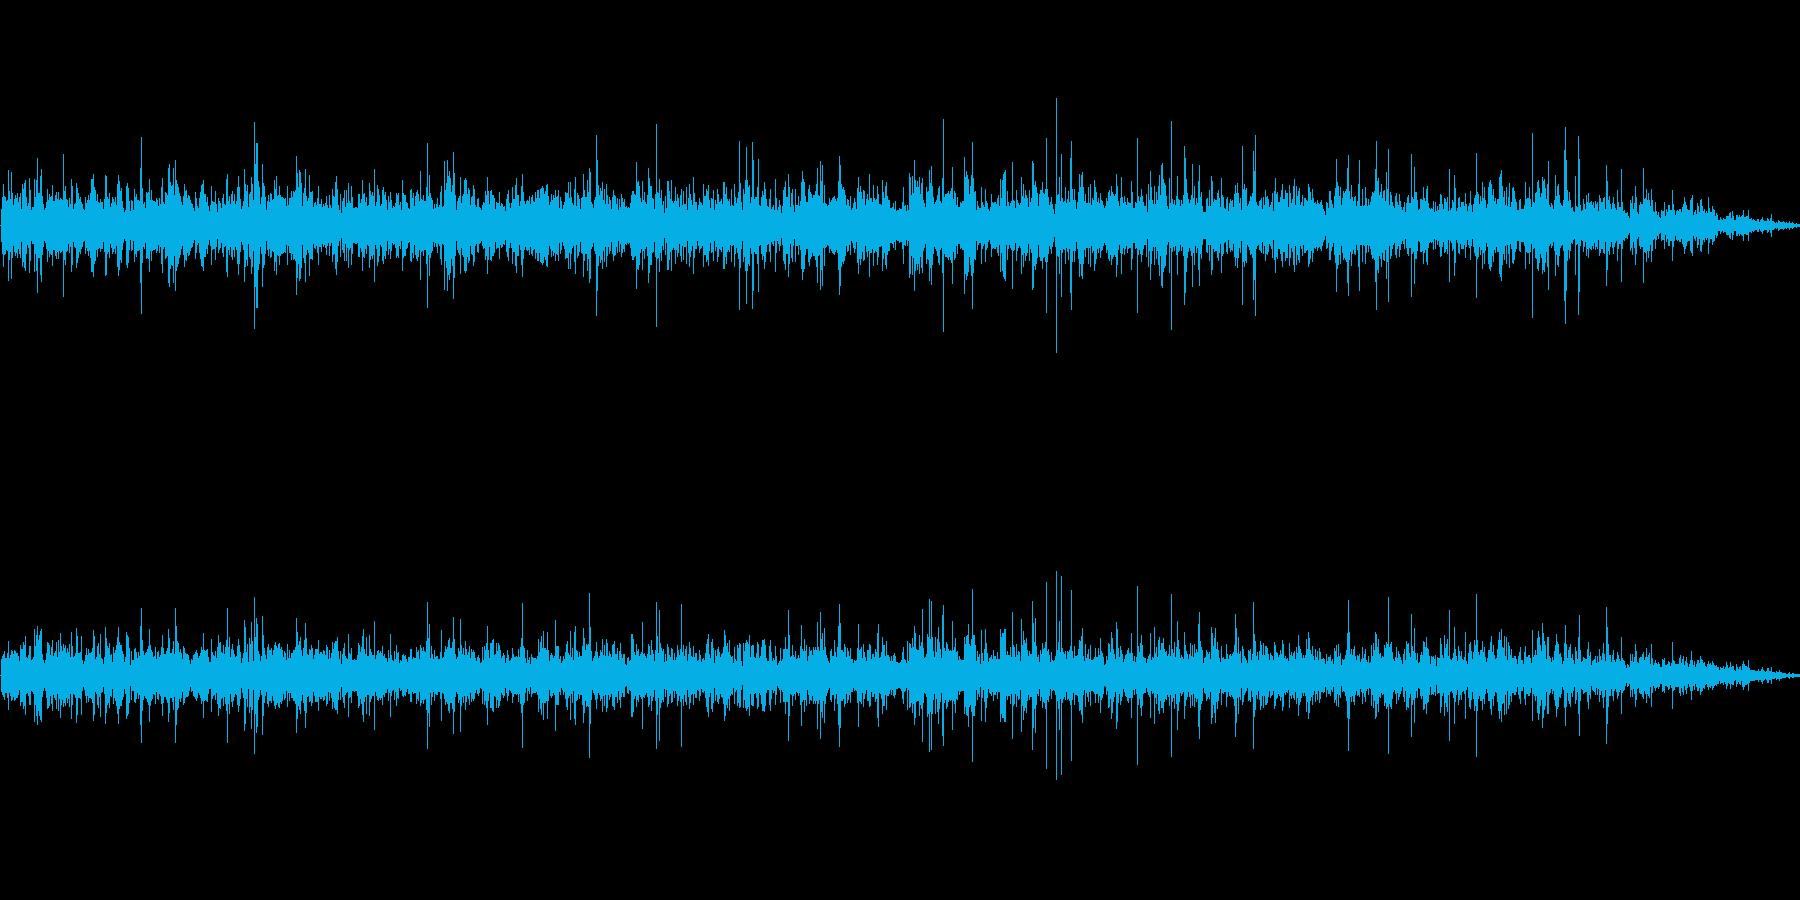 「川の音 (激しい流れ)」の再生済みの波形